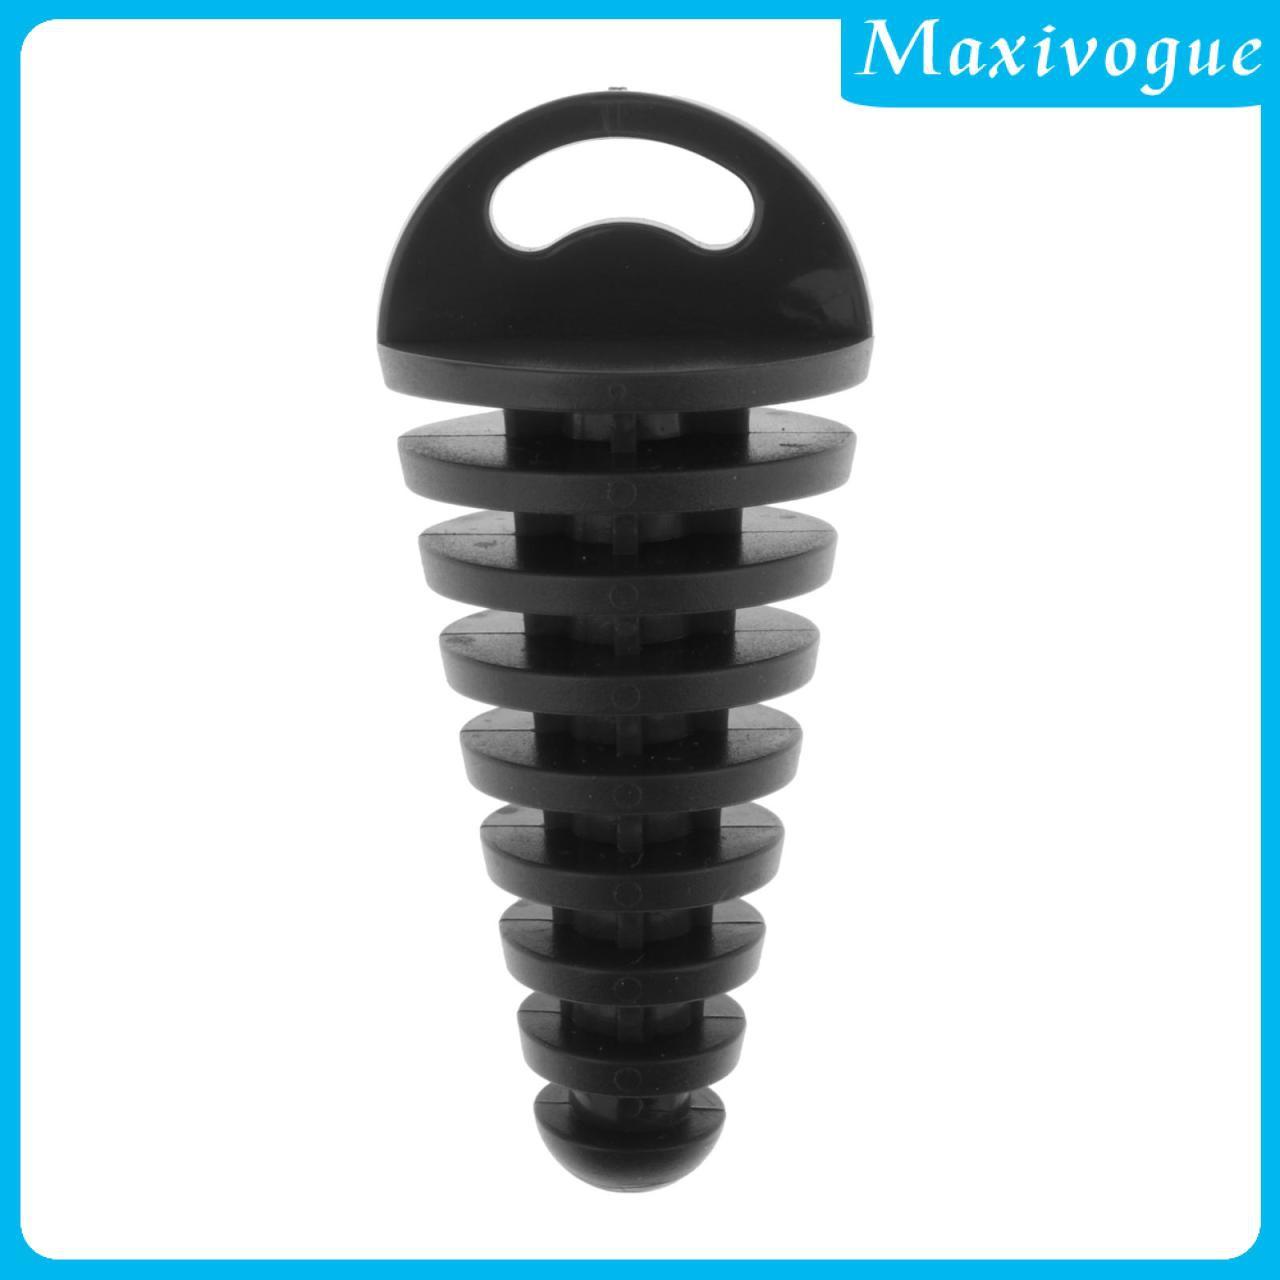 [Maxivogue] 摩托車排氣管塞消聲器保護器消音器排氣零件更換